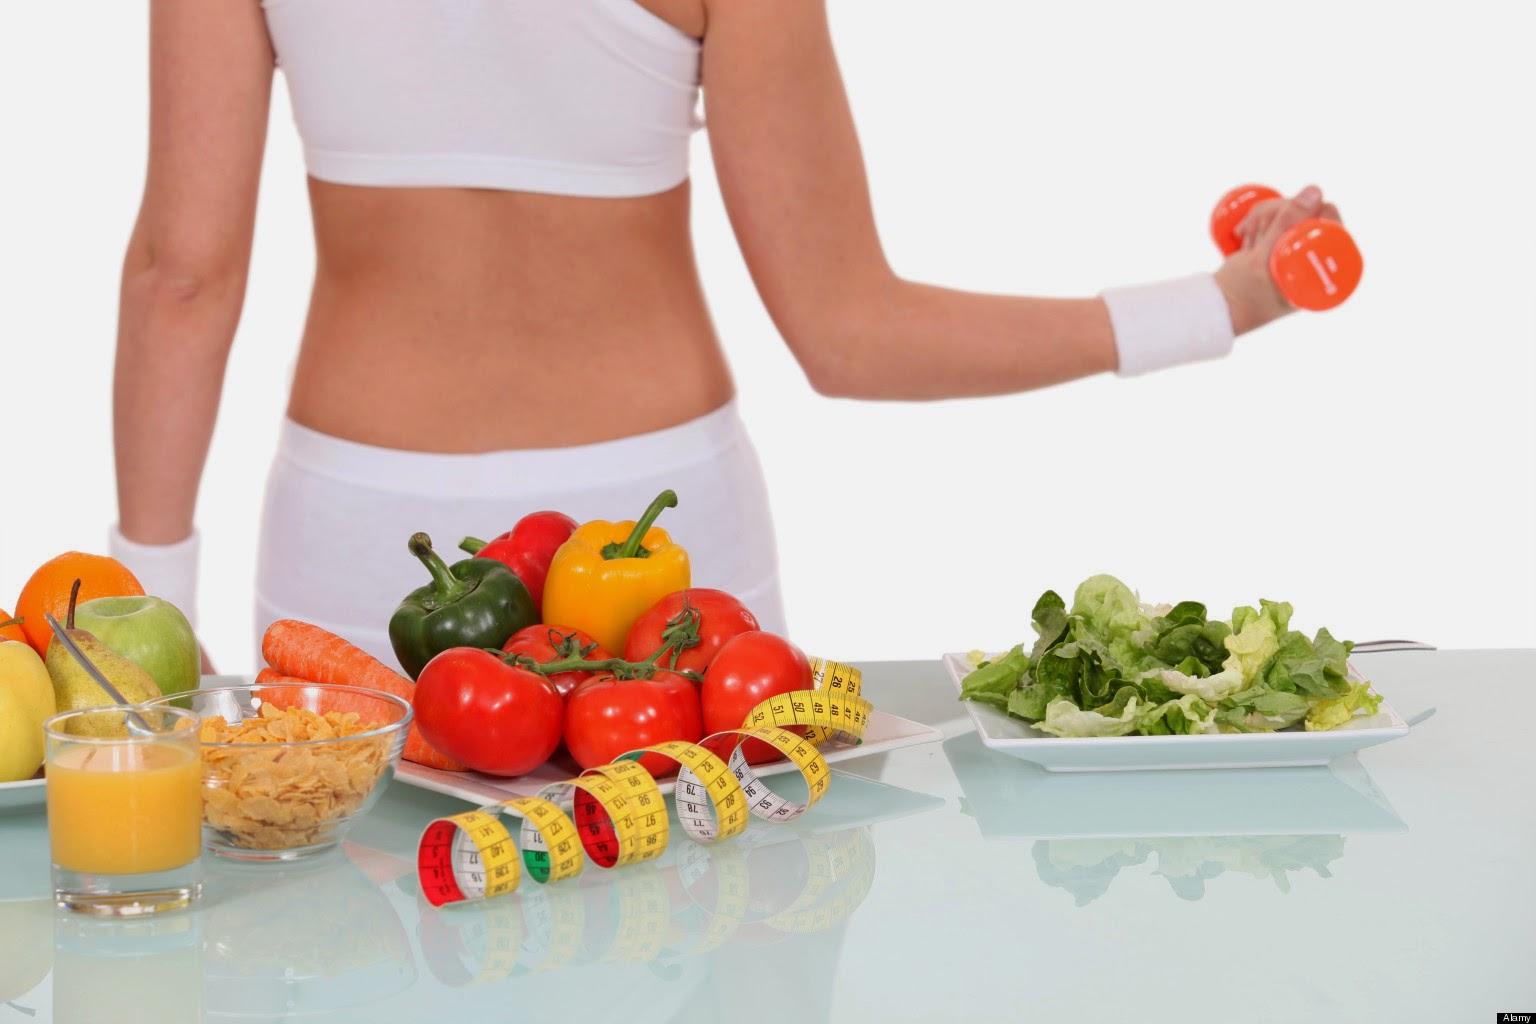 Диета Для Здорового Образа Жизни. Здоровое питание — путь к здоровой жизни